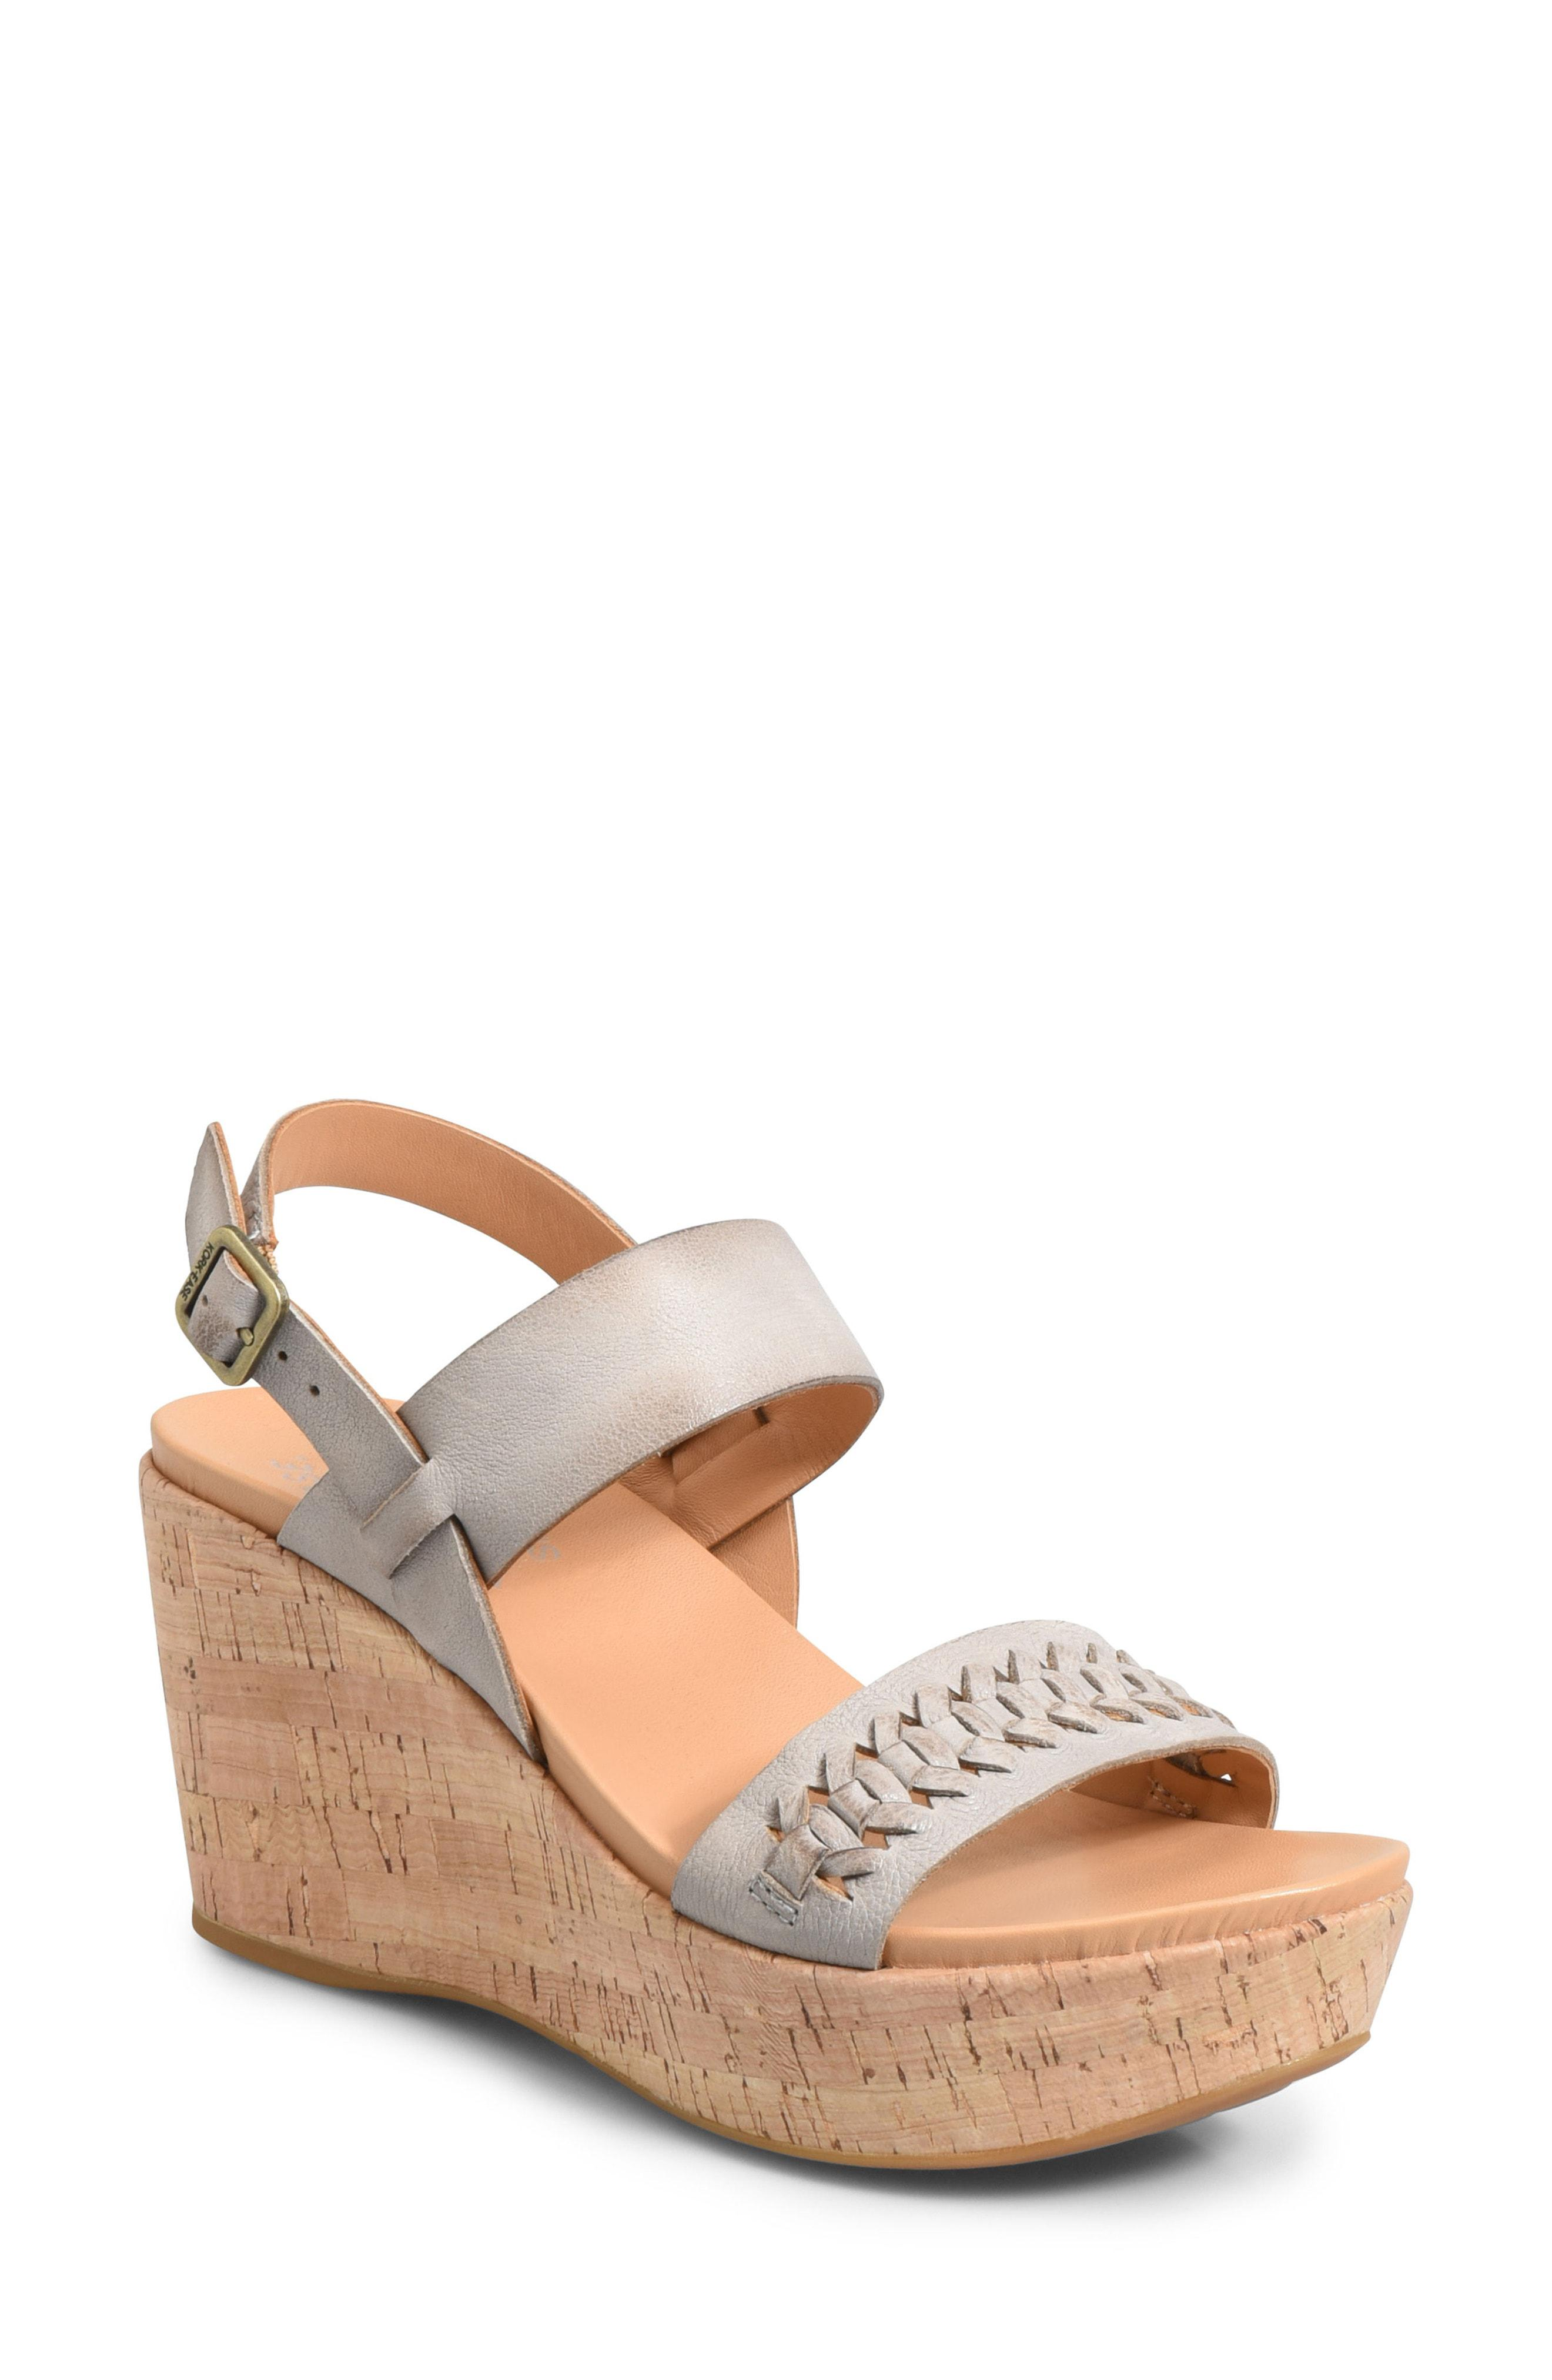 5356f422827 Lyst - Kork-Ease Kork-ease Austin Braid Wedge Sandal in Gray